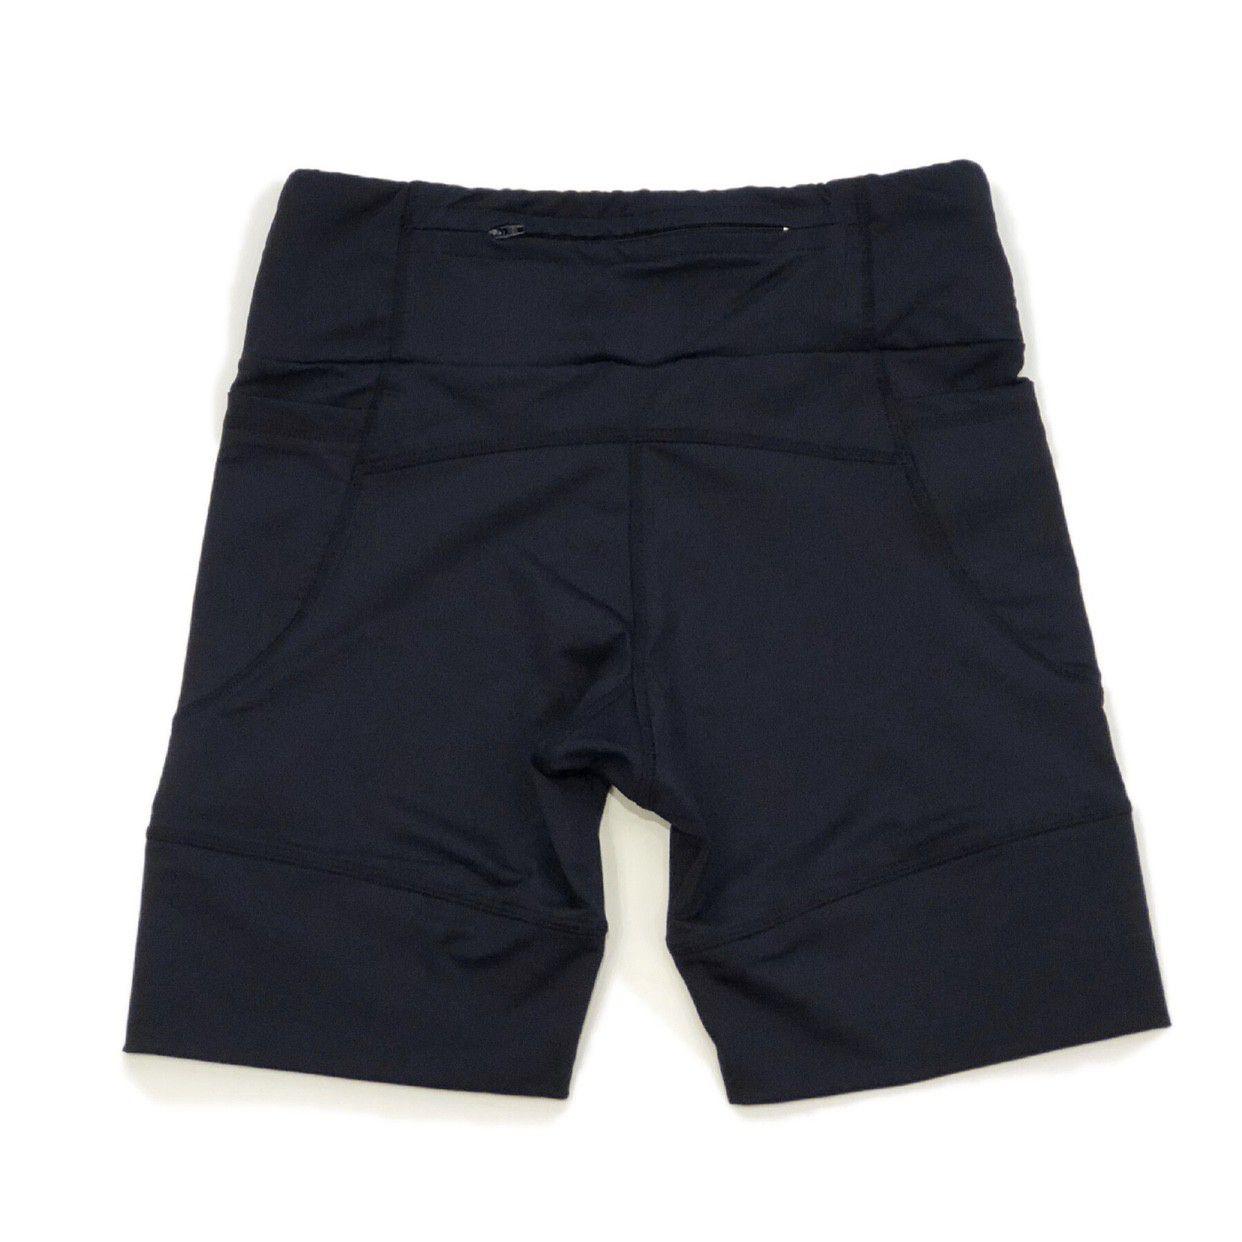 Bermuda de compressão masculina - unissex 1500 bolsos em compress preto  - Vivian Bógus